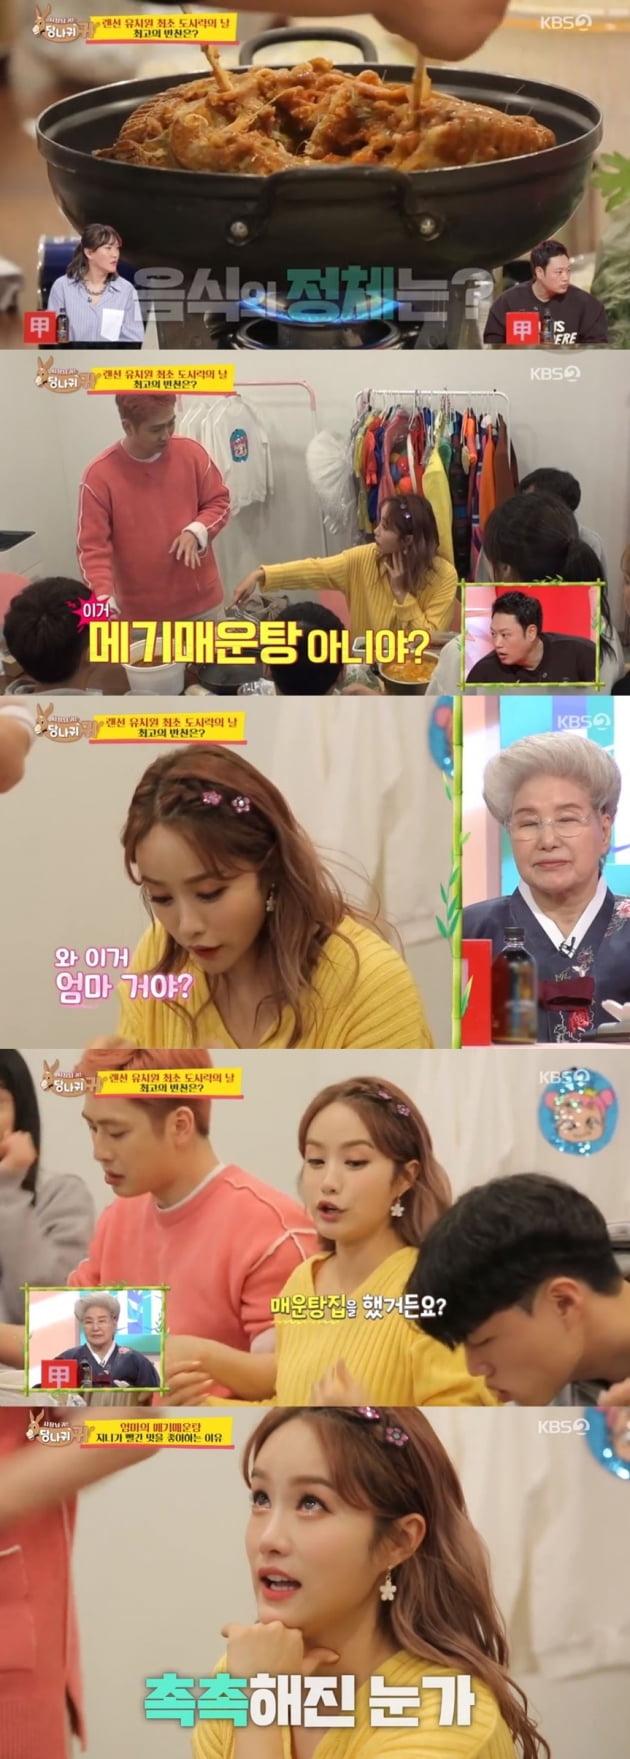 사진= KBS2 '사장님 귀는 당나귀 귀' 캡처